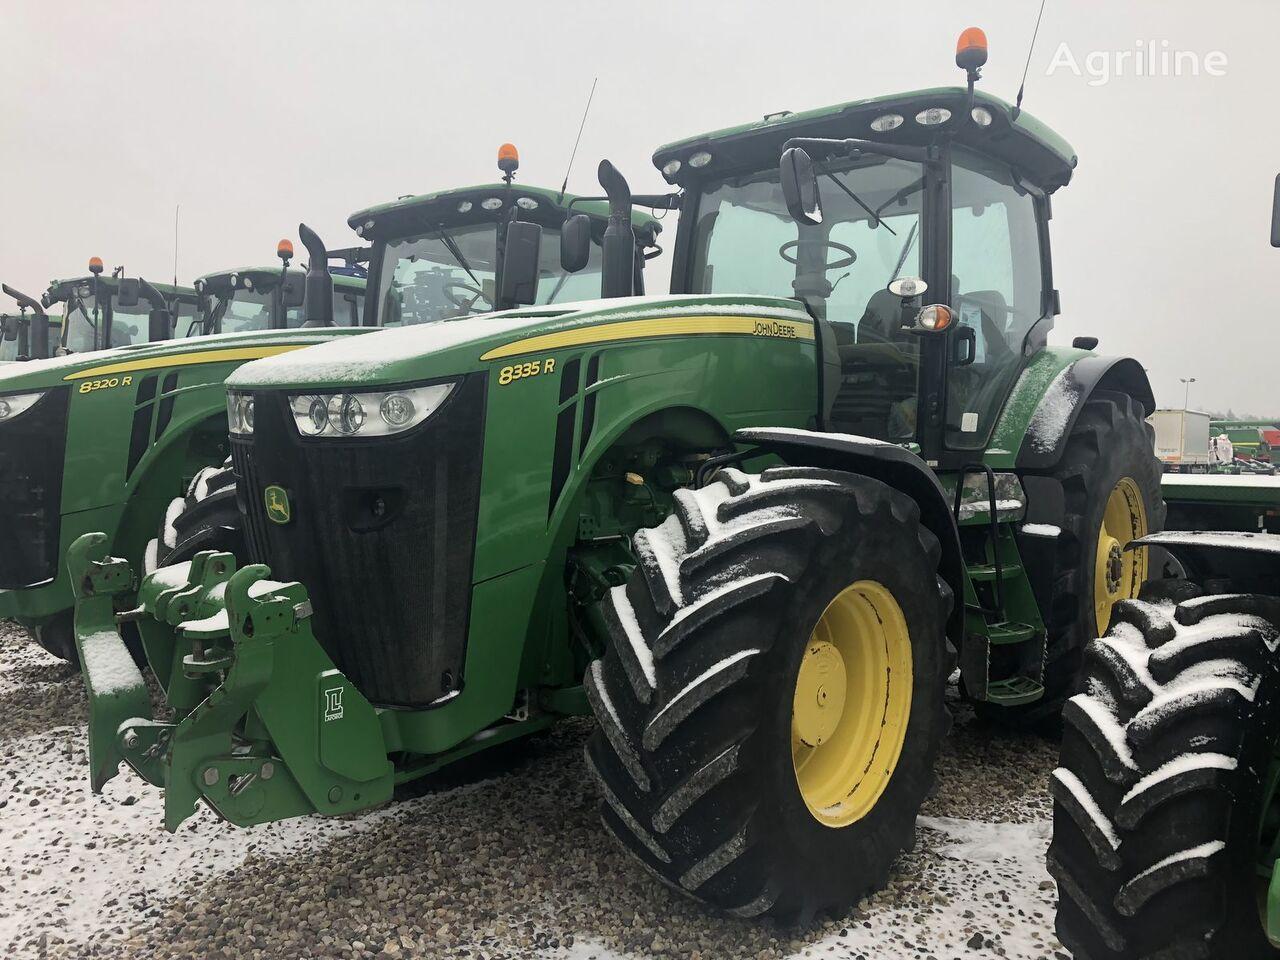 JOHN DEERE 8335R wheel tractor